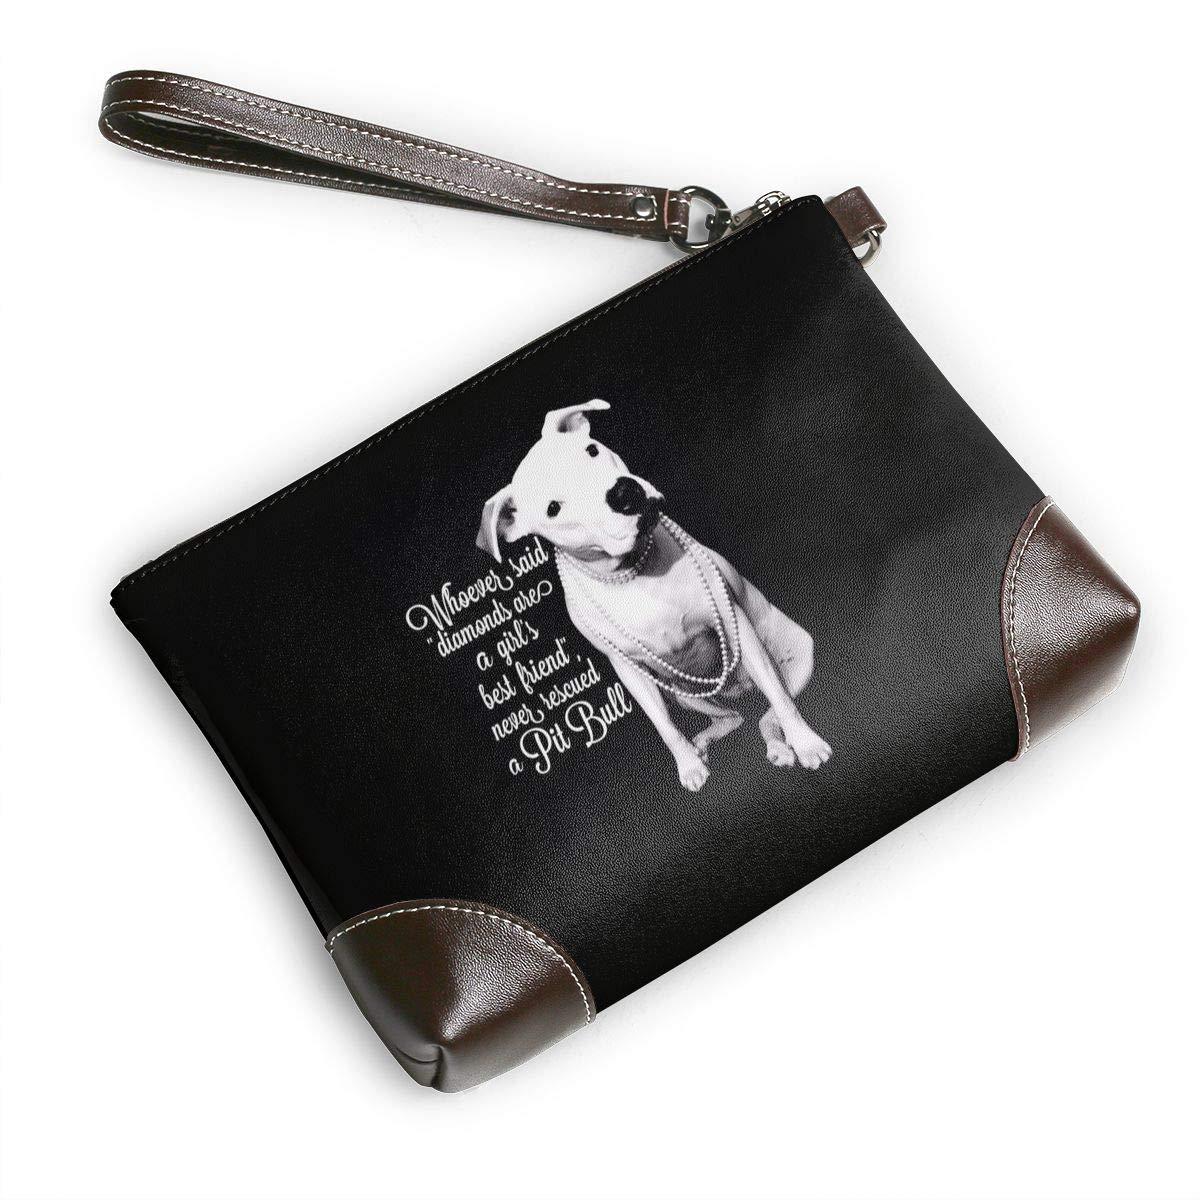 GHAQ Police Box hundsäng, mjuk, halkfri, lyxig, finns i olika utföranden Pitbull och flicka hund